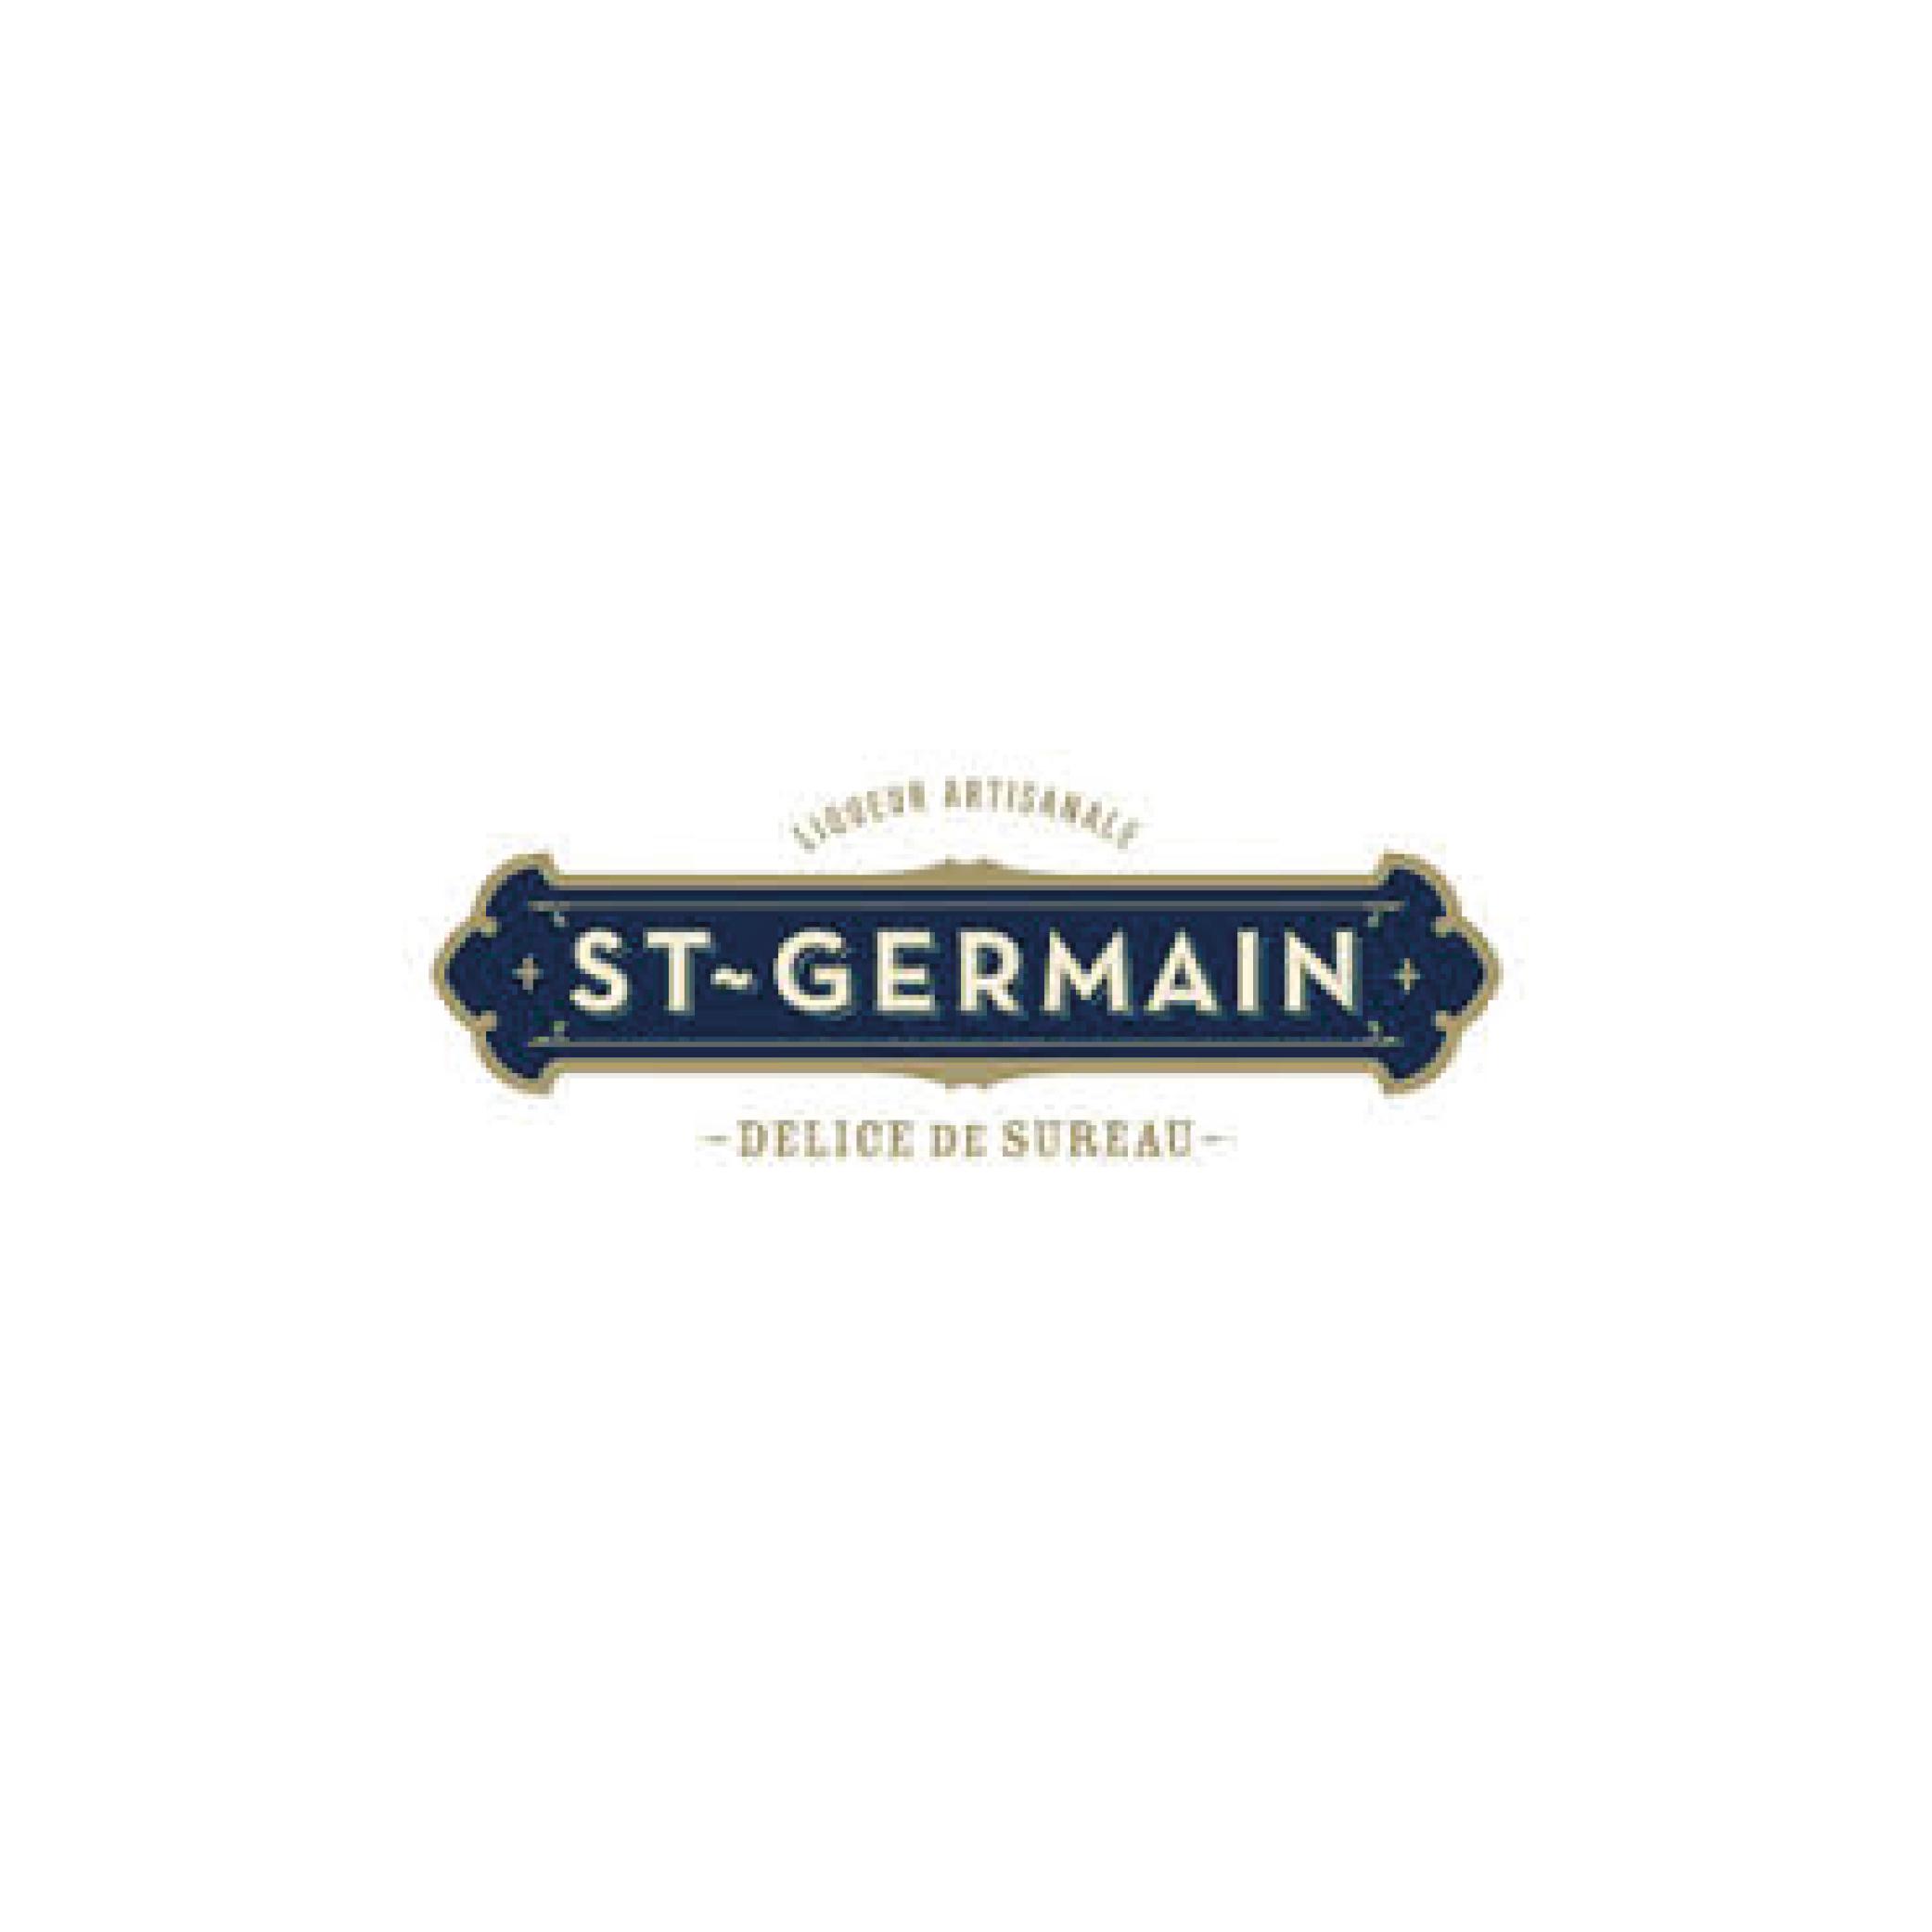 st germain.jpg